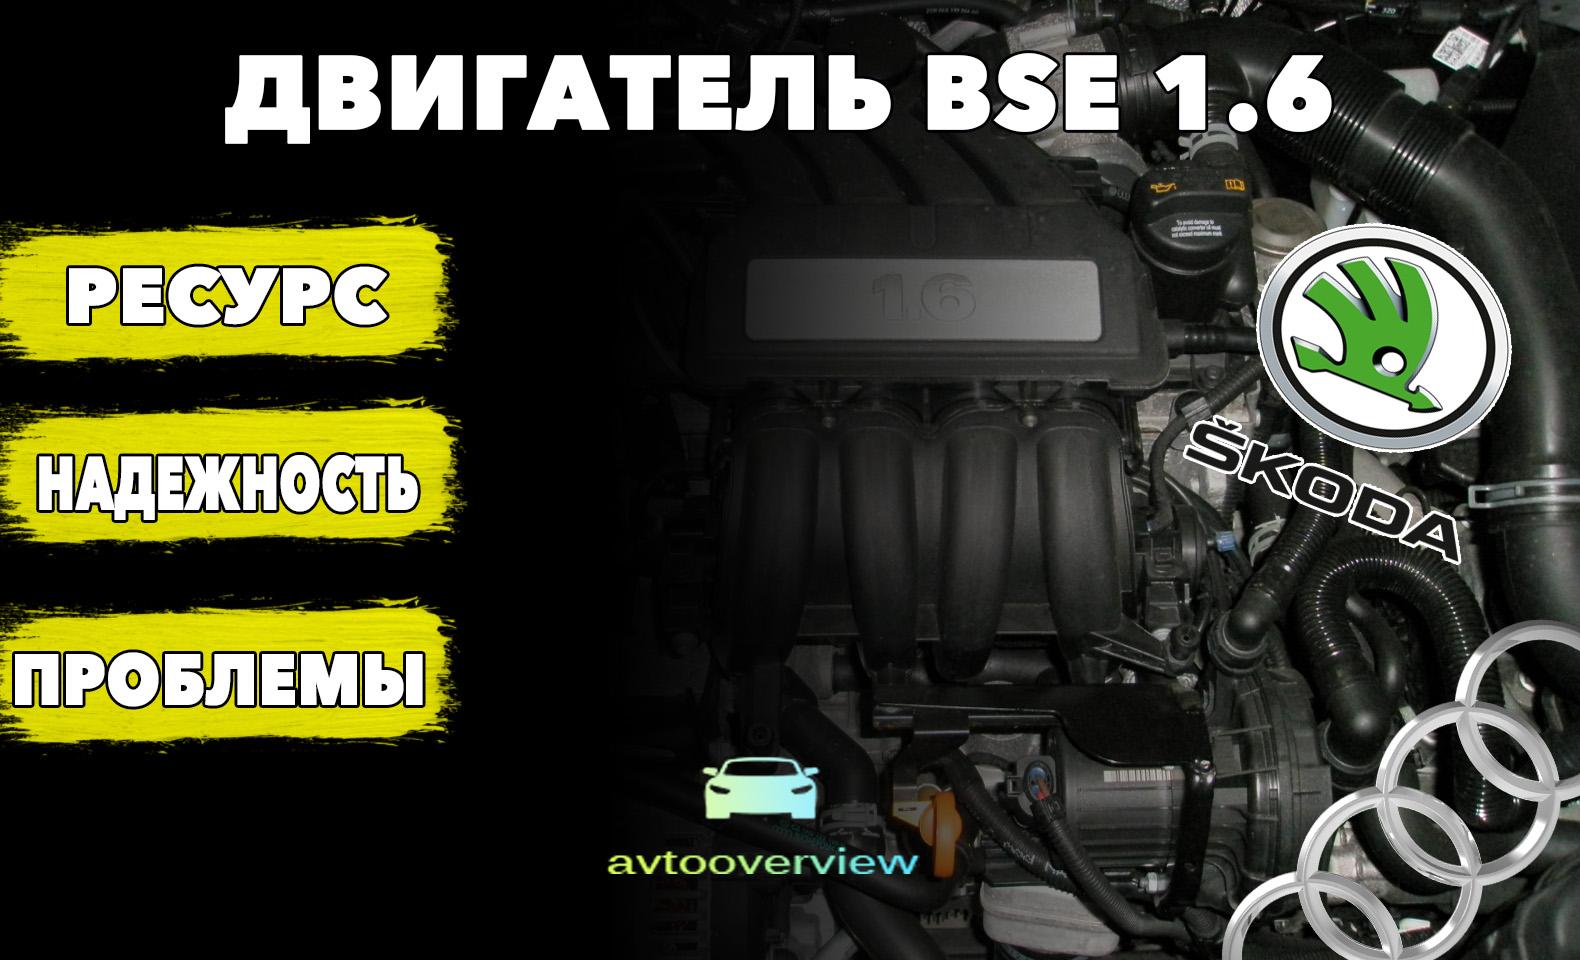 Ресурс двигателя BSE 1.6